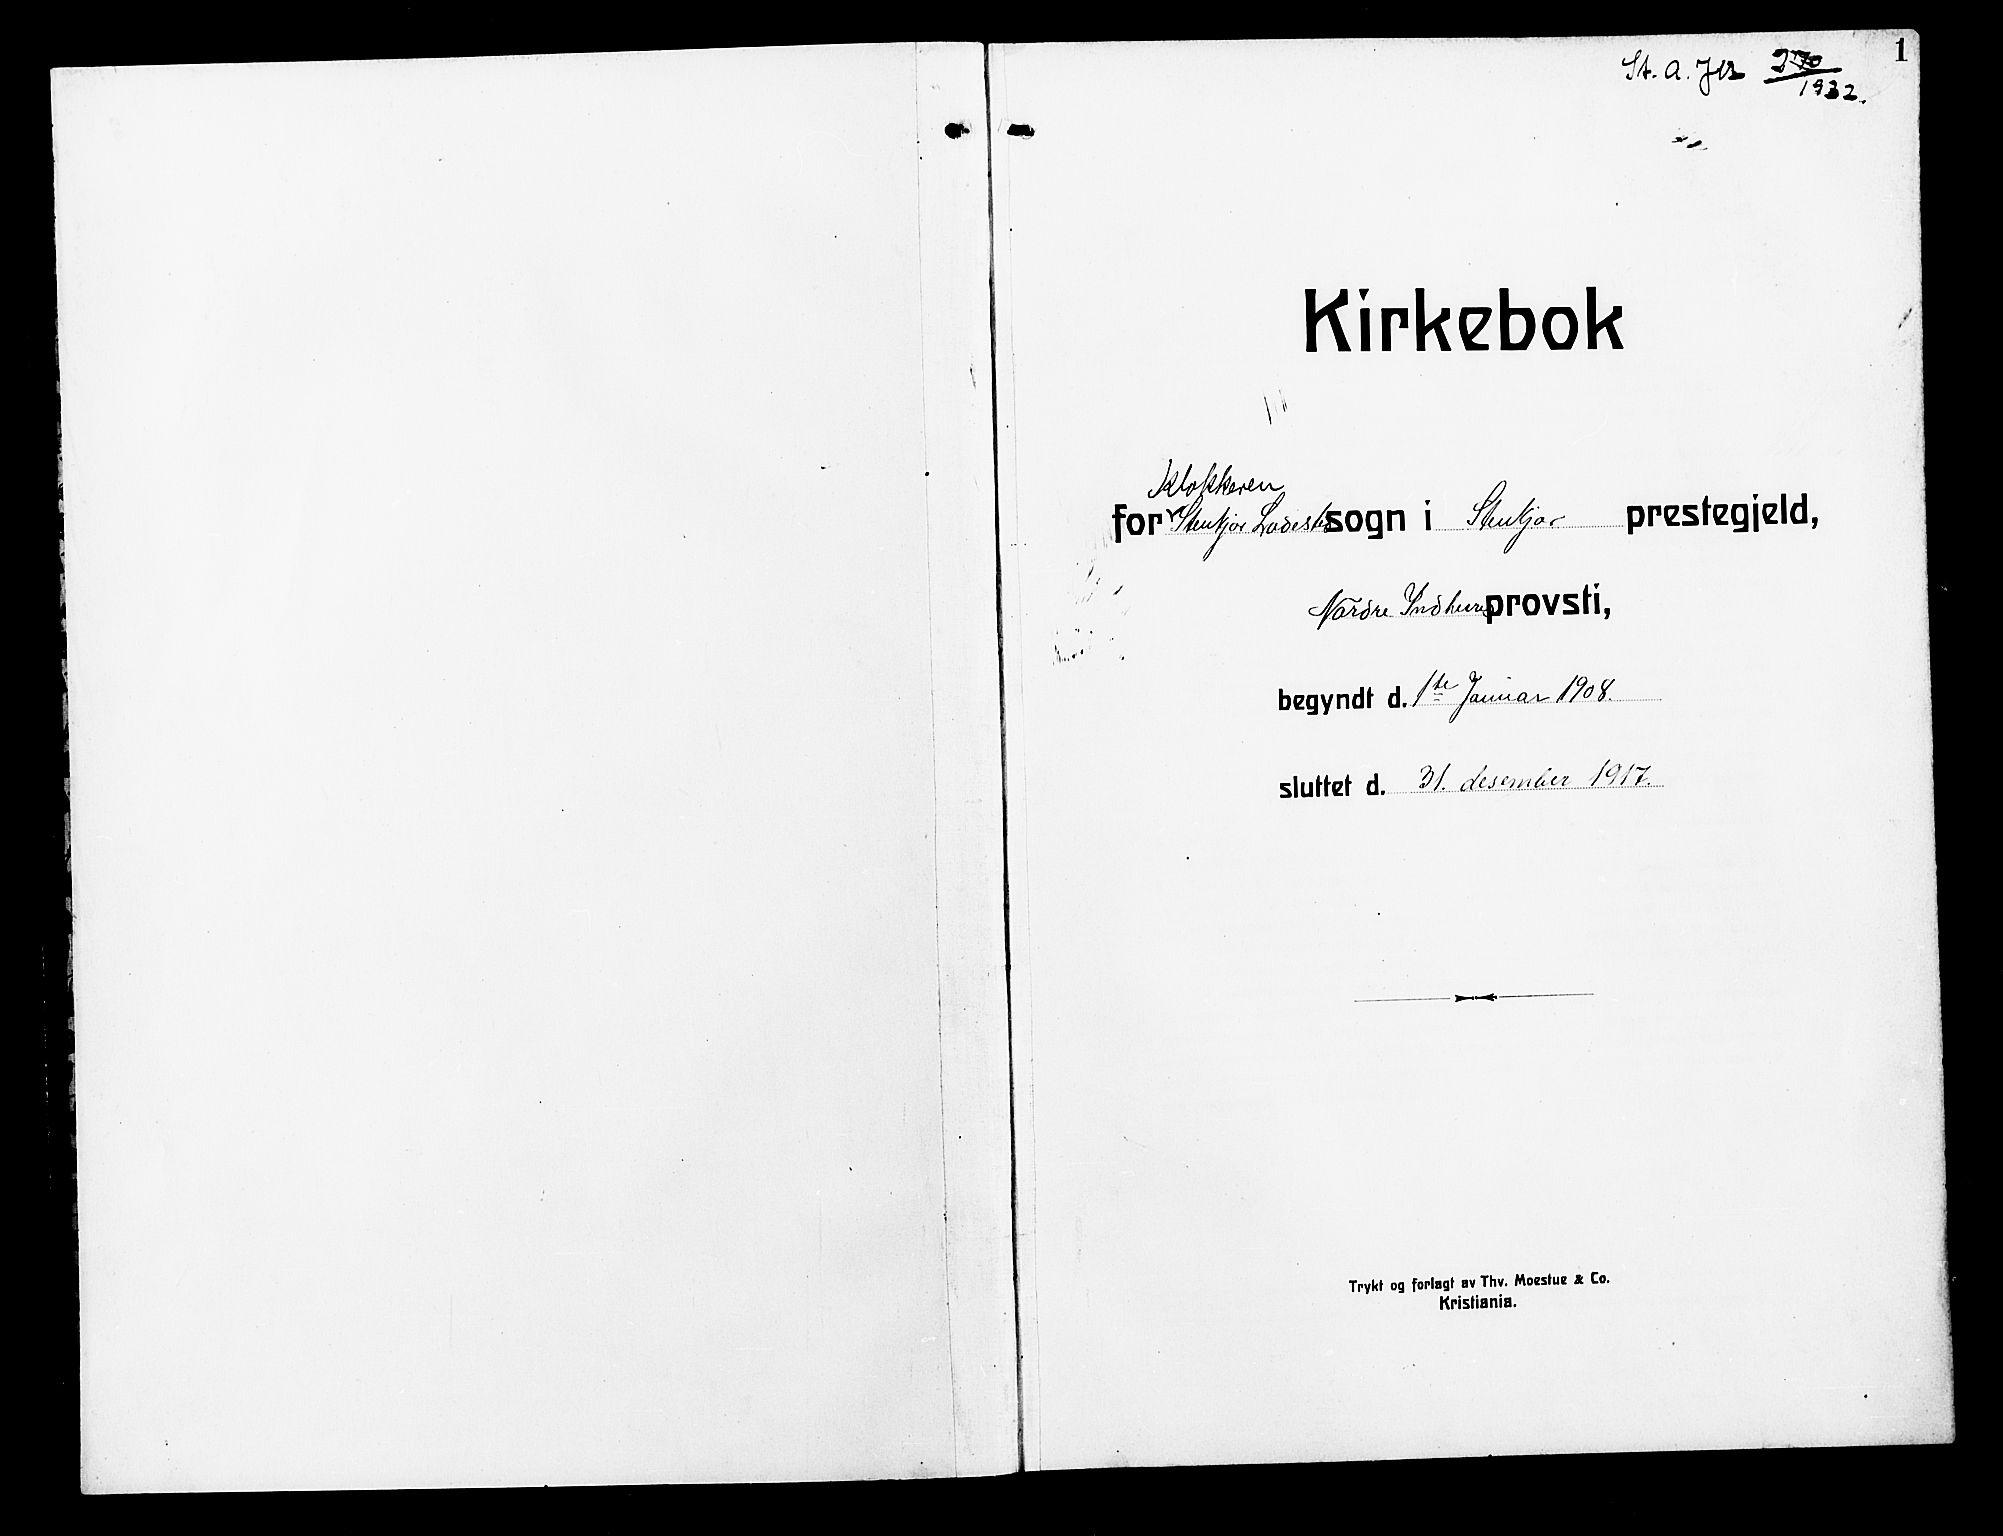 SAT, Ministerialprotokoller, klokkerbøker og fødselsregistre - Nord-Trøndelag, 739/L0376: Klokkerbok nr. 739C04, 1908-1917, s. 1